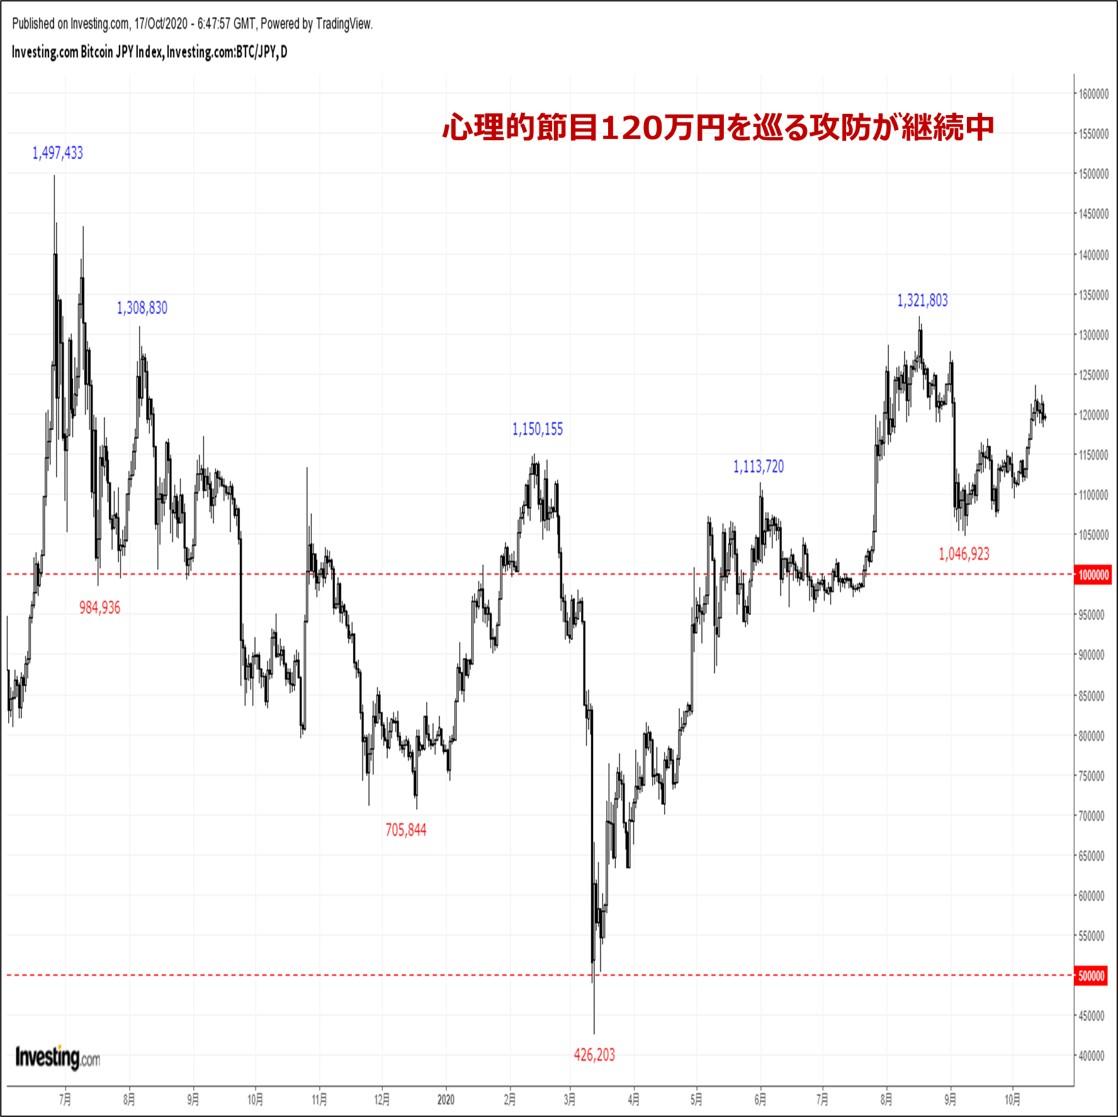 ビットコインの価格分析:『節目120万円を巡る攻防が継続。テクニカル主導の続伸に期待』(10/18)